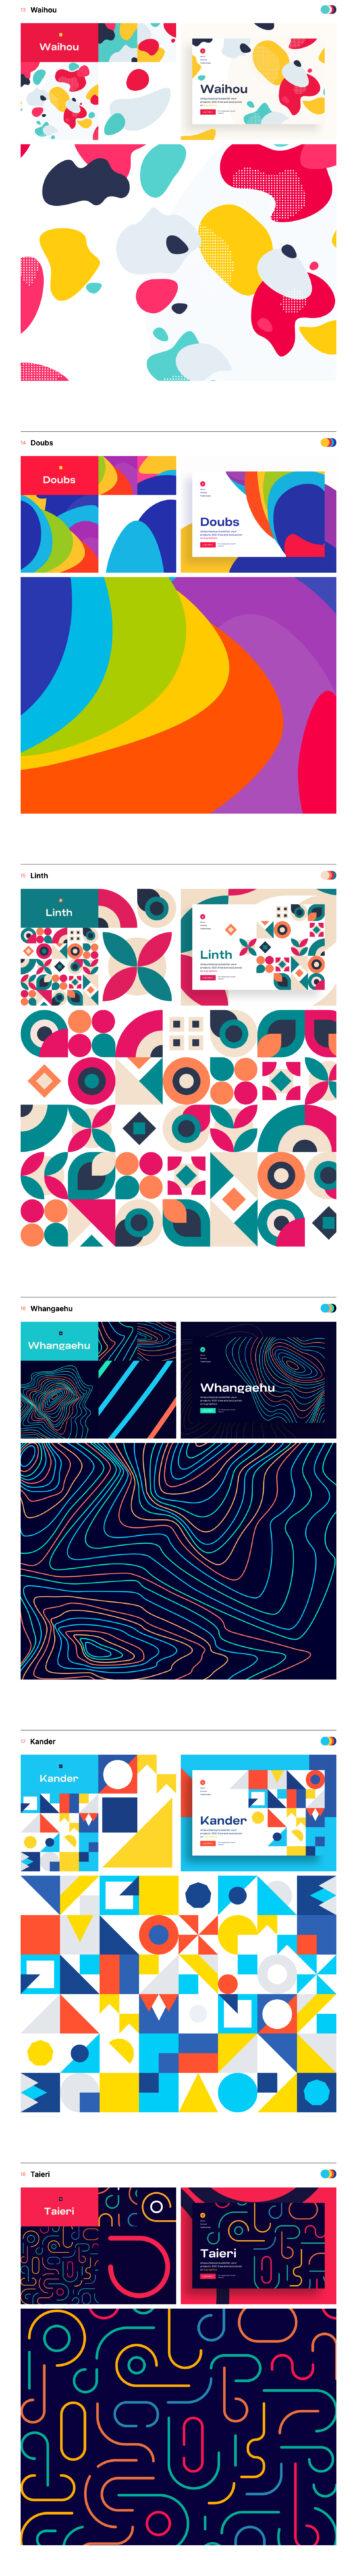 Paaatterns-免费手工制作的图案素材插图2